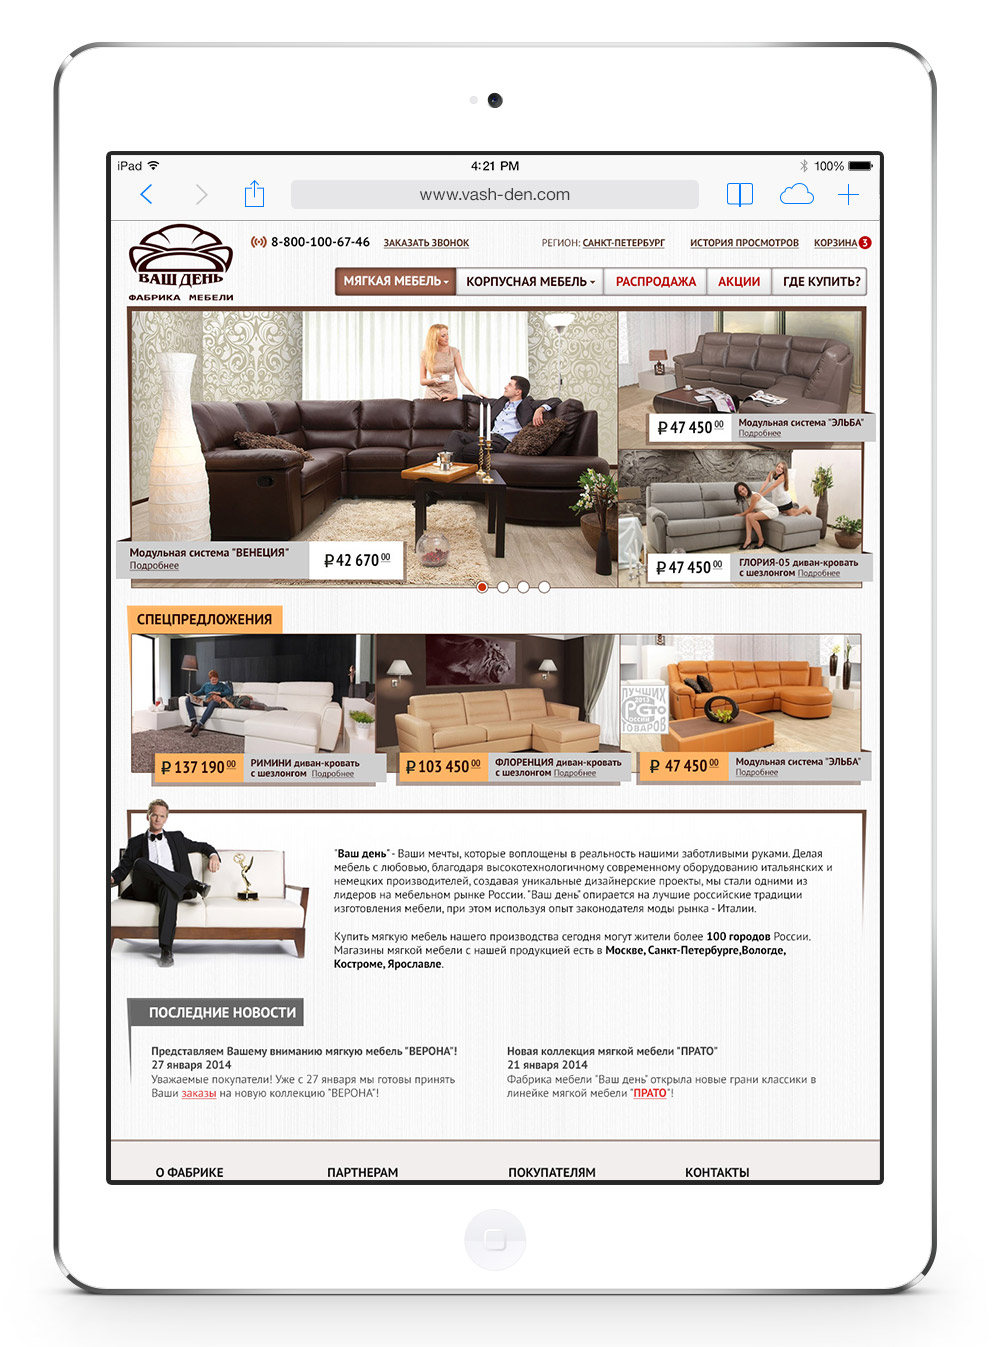 Разработать дизайн для интернет-магазина мебели фото f_52252f4d8dd275c3.jpg